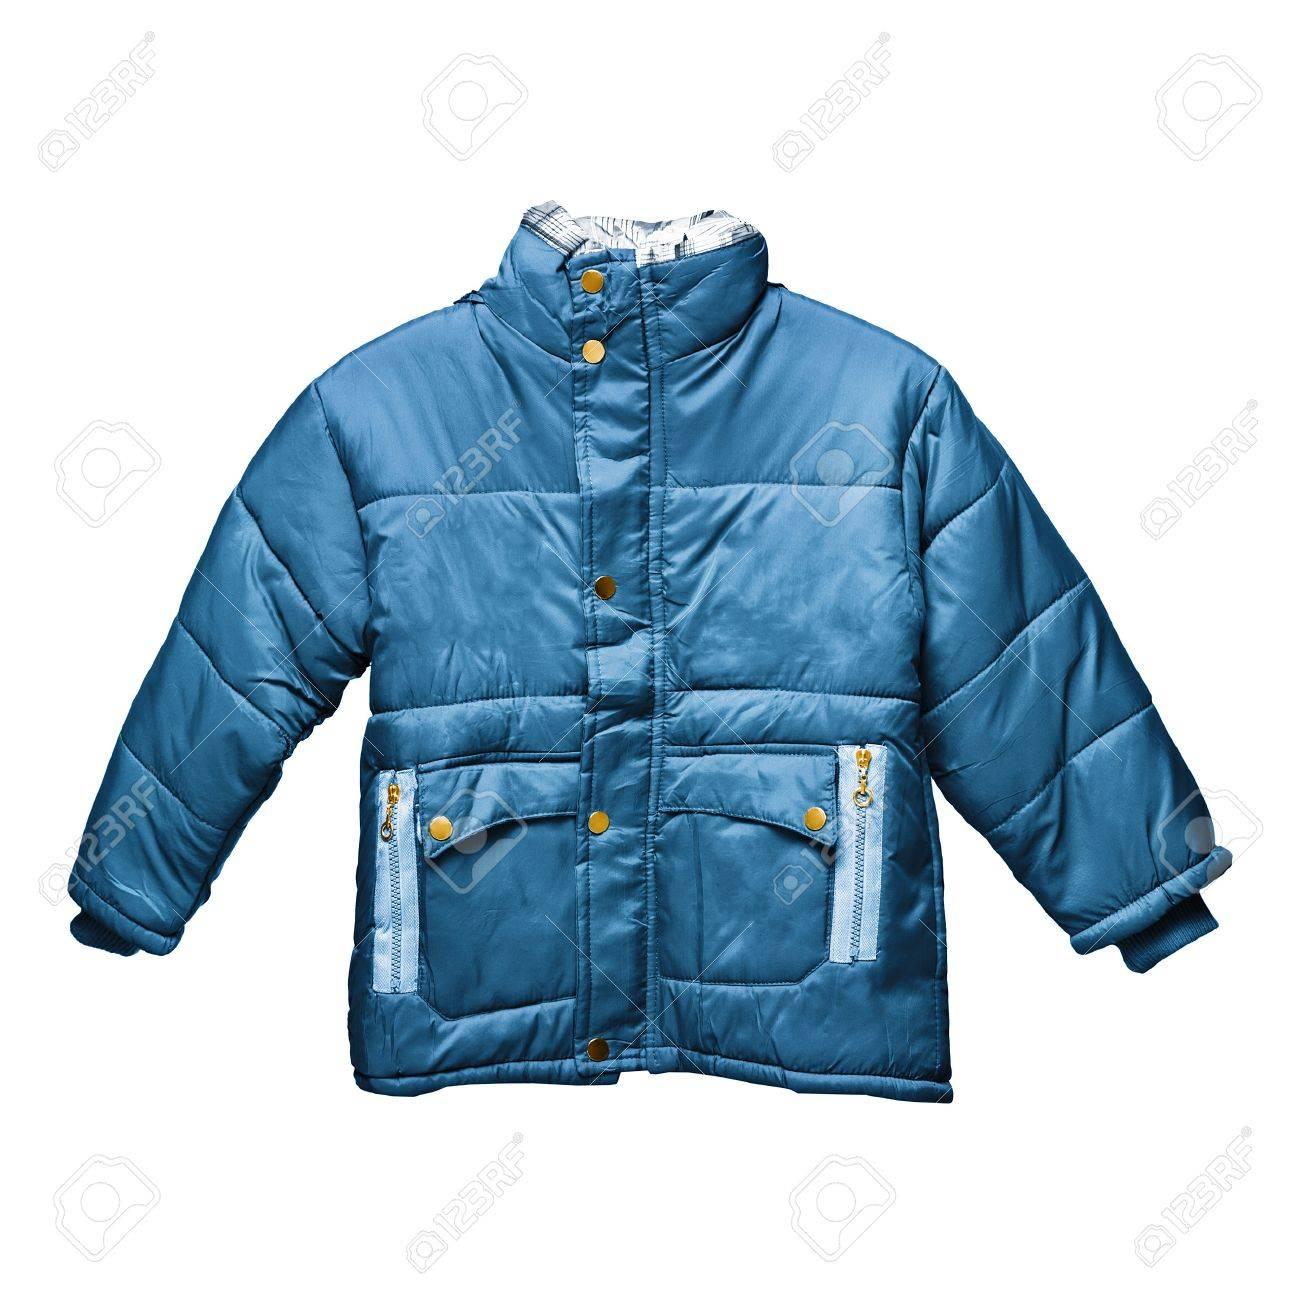 Children's parka jacket isolated on white background Stock Photo - 13939999